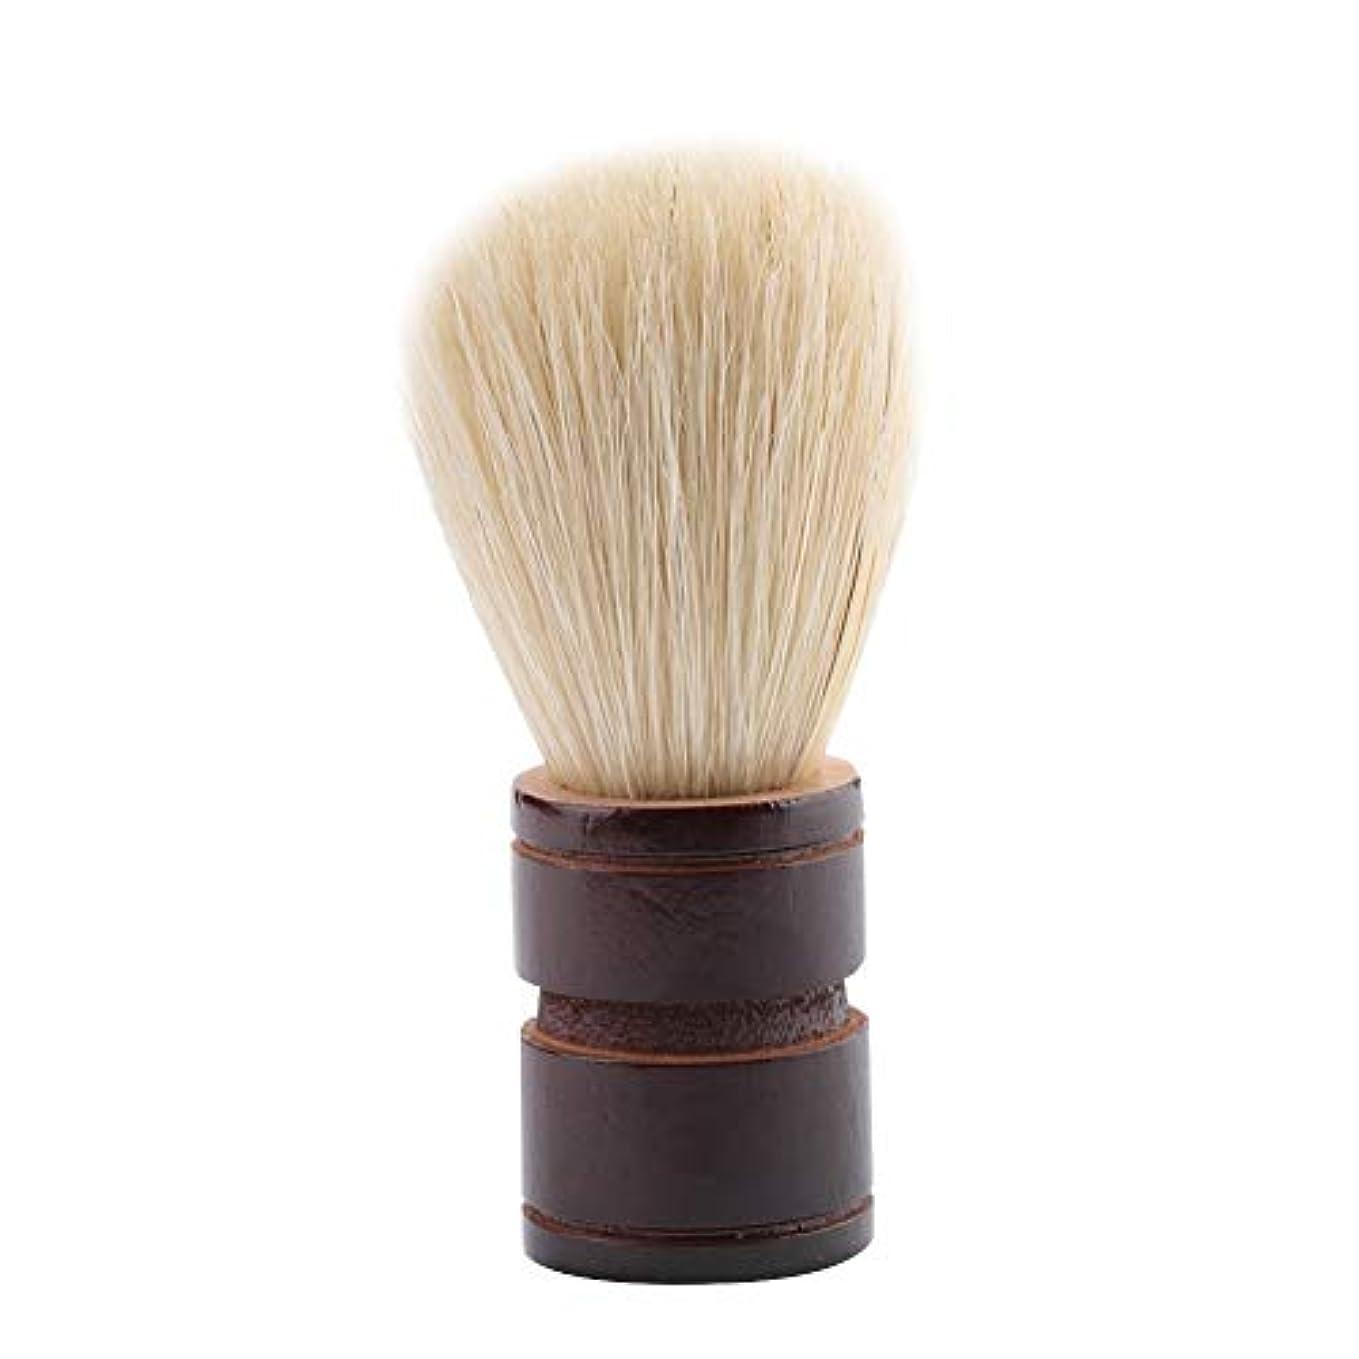 お酢拒否学んだBrocan サロンホーム旅行の使用のためのポータブル男性のひげブラシ木製ハンドルシェービングブラシ(ウッド+絵筆)